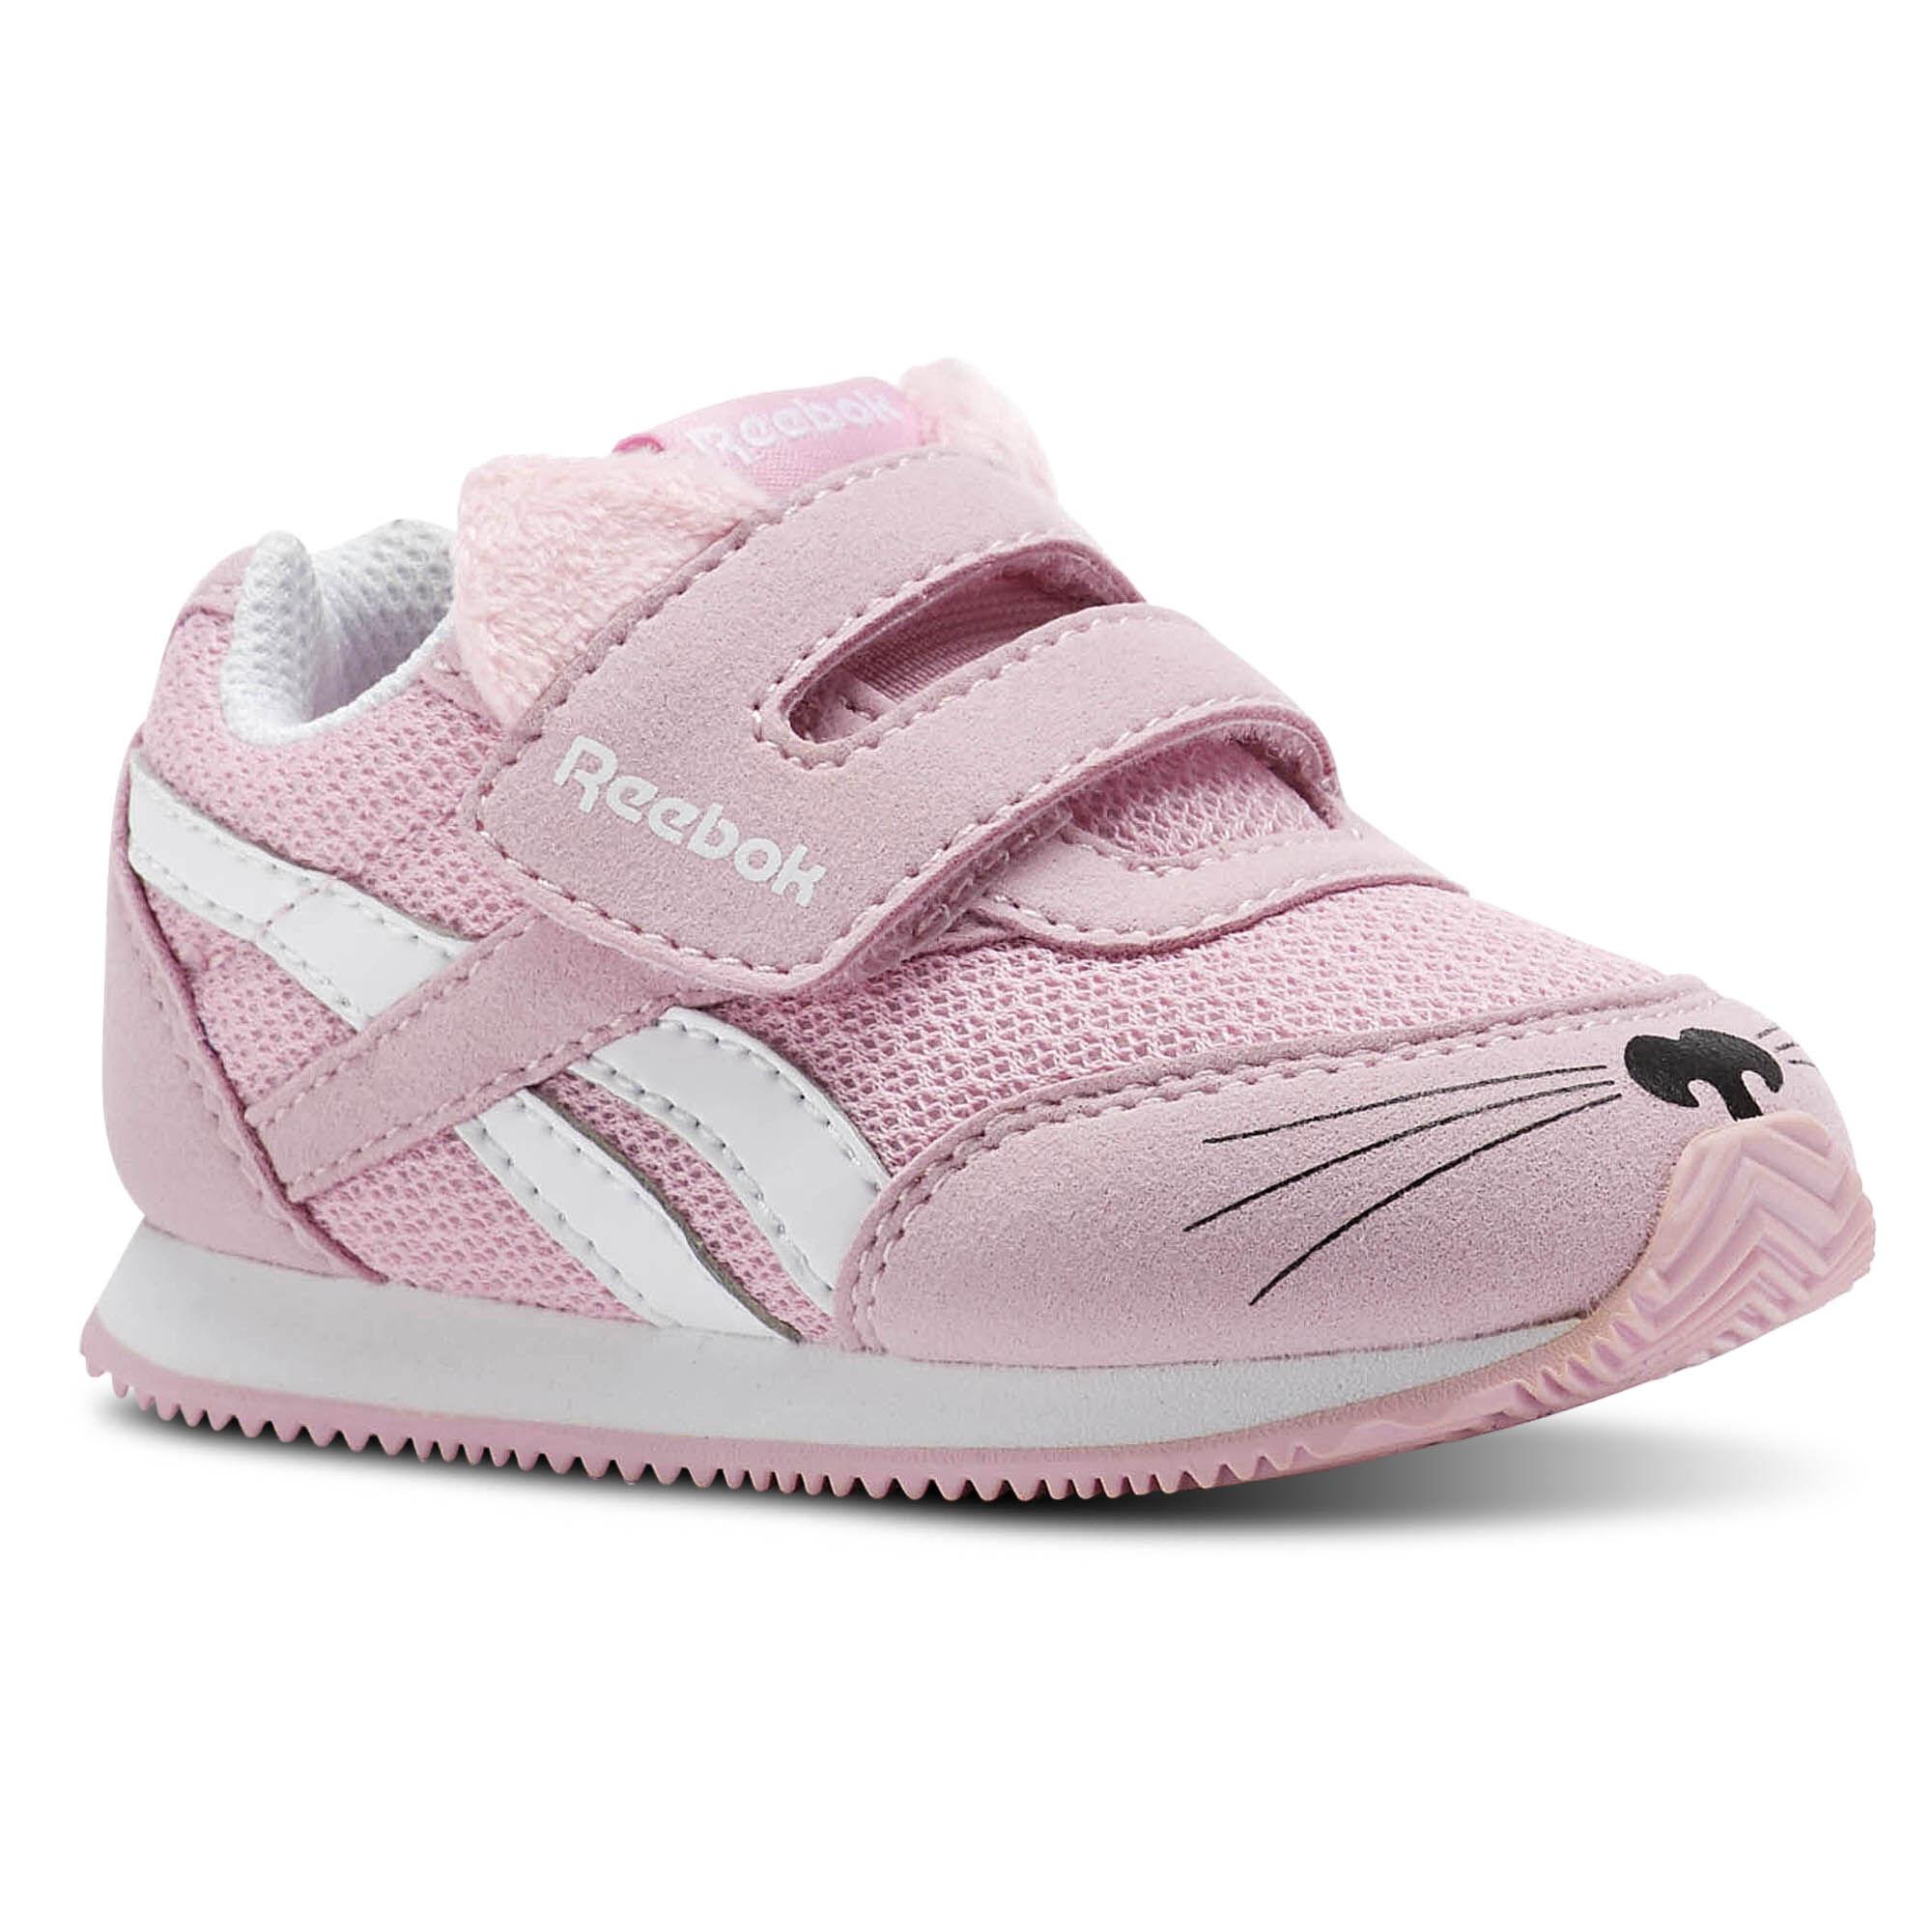 Reebok - Reebok Royal Classic Jogger 2.0 KC Pink/Kitten-White/Luster Pink